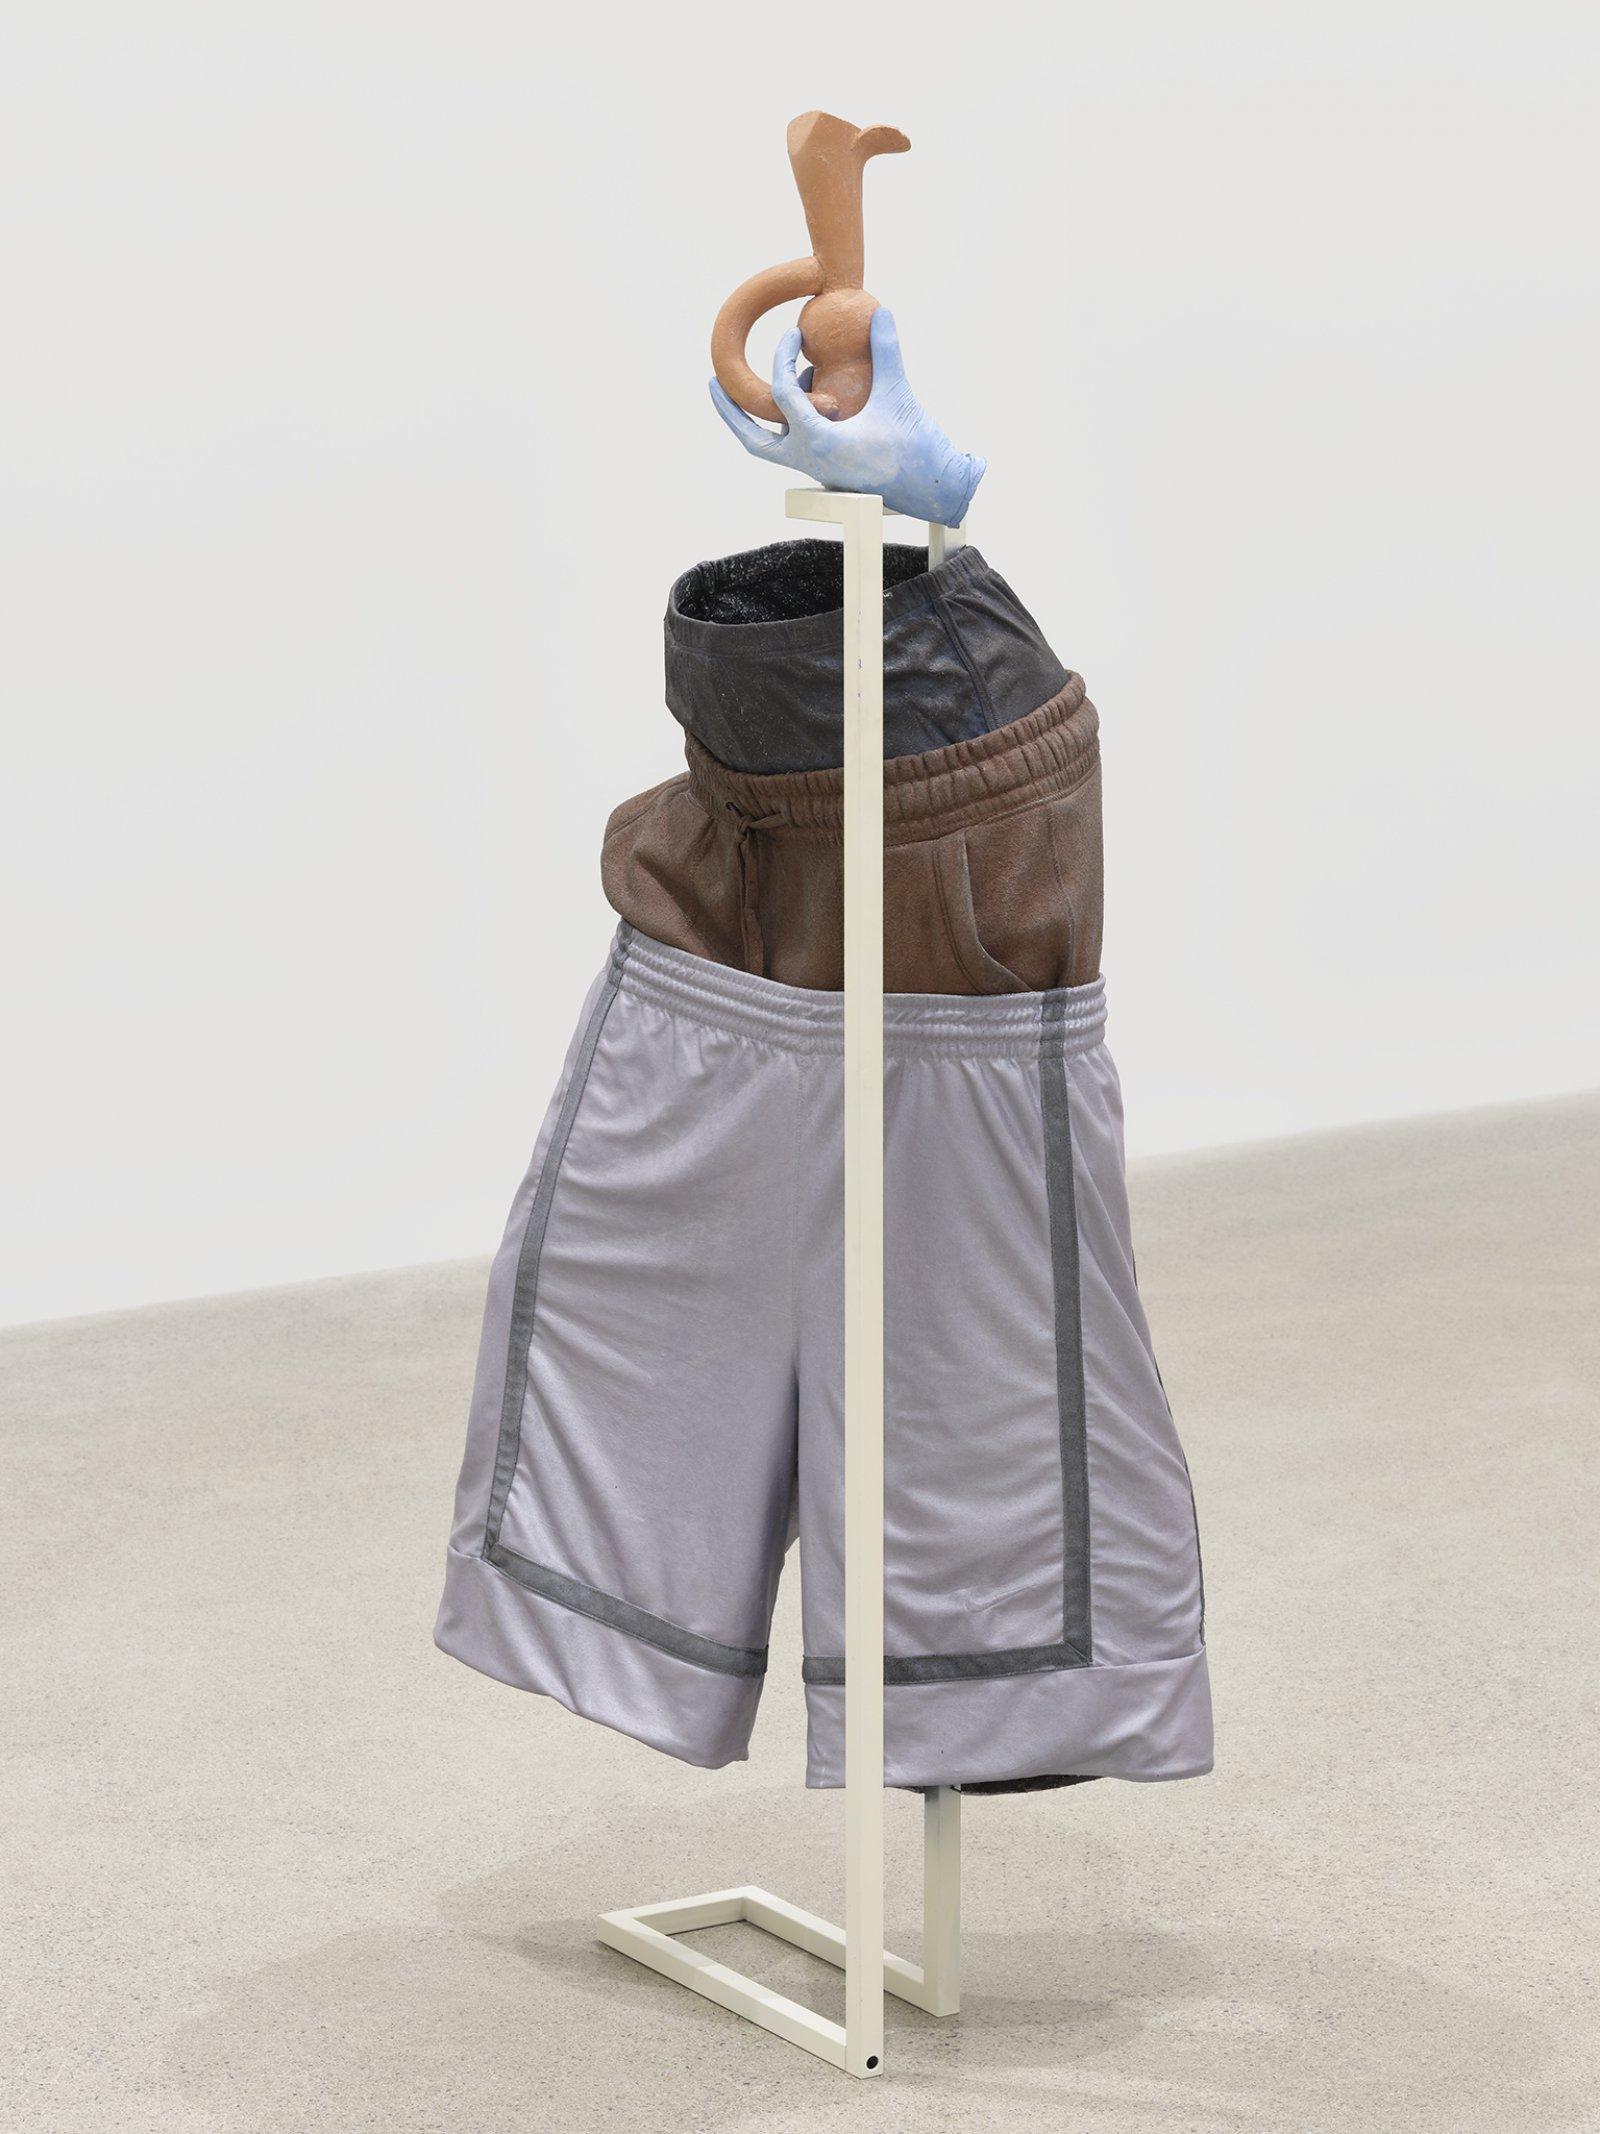 """Valérie Blass, Pourquoi appelle-t-on un trou noir, un """"trou noir""""?, 2019, ceramic, acrylic, oil, gouache, metal, clothing, resin, epoxy, 52 x 20 x 16 in. (132 x 51 x 41 cm) by Valérie Blass"""